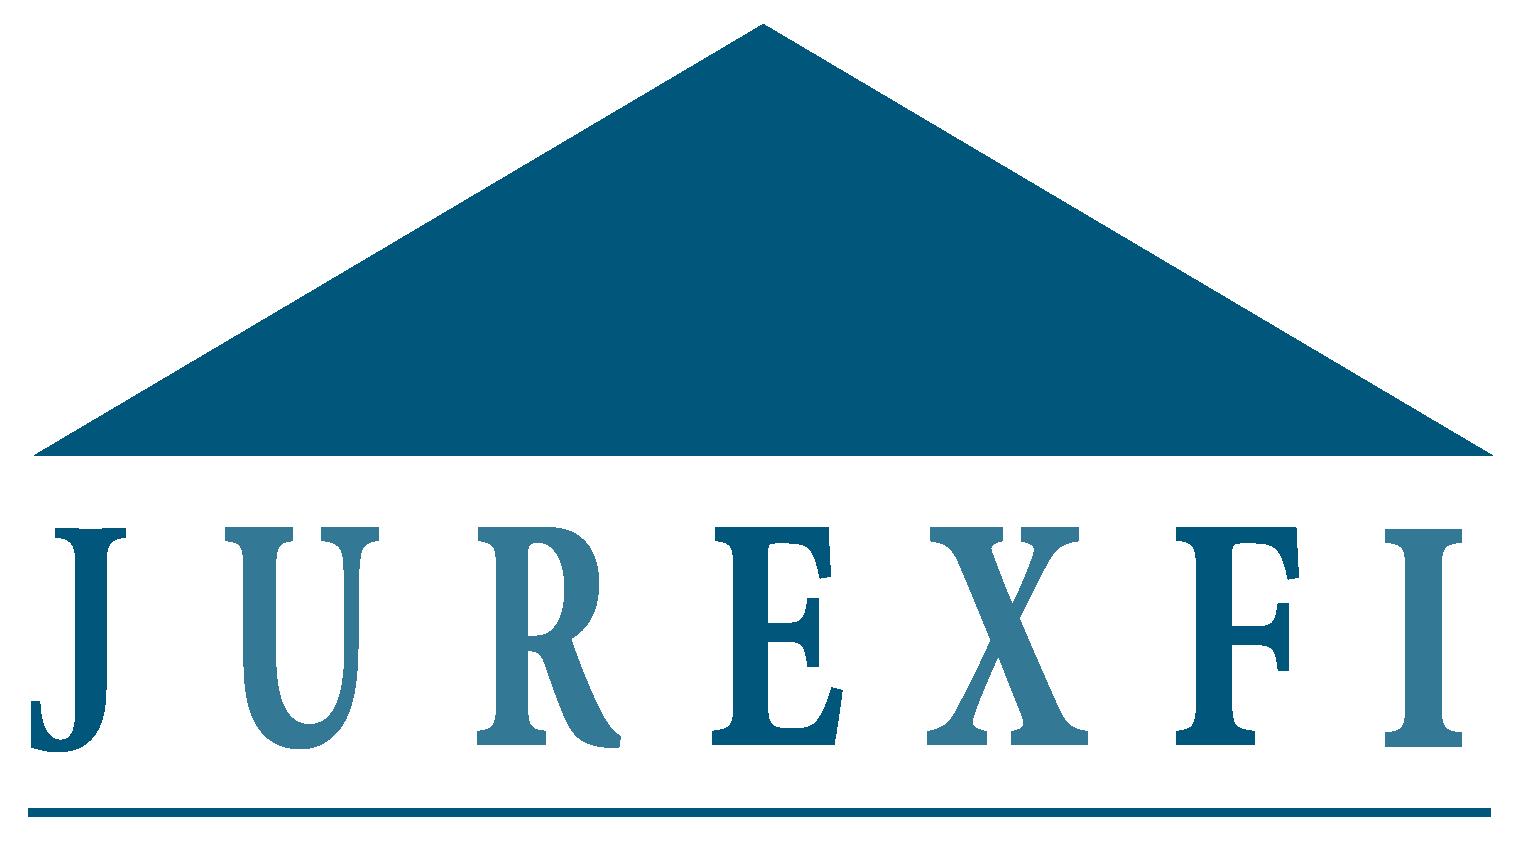 Jurexfi